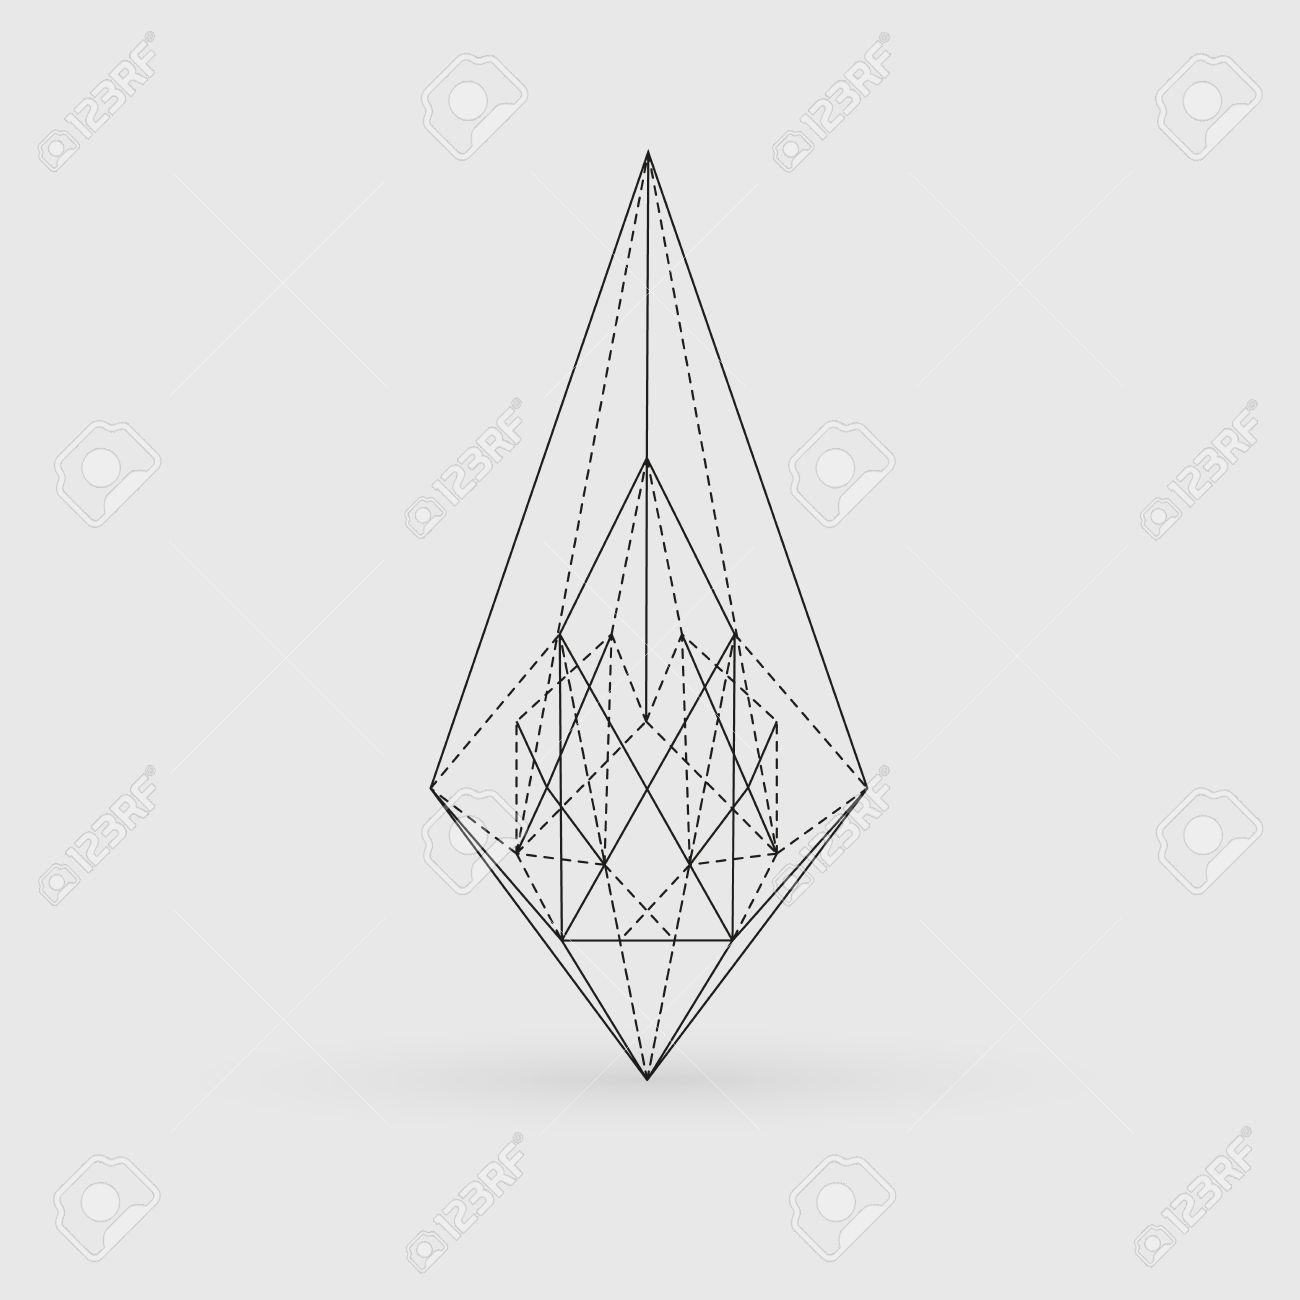 Forma Geométrica Poligonales Triángulos Arte Lineal Diseño De La